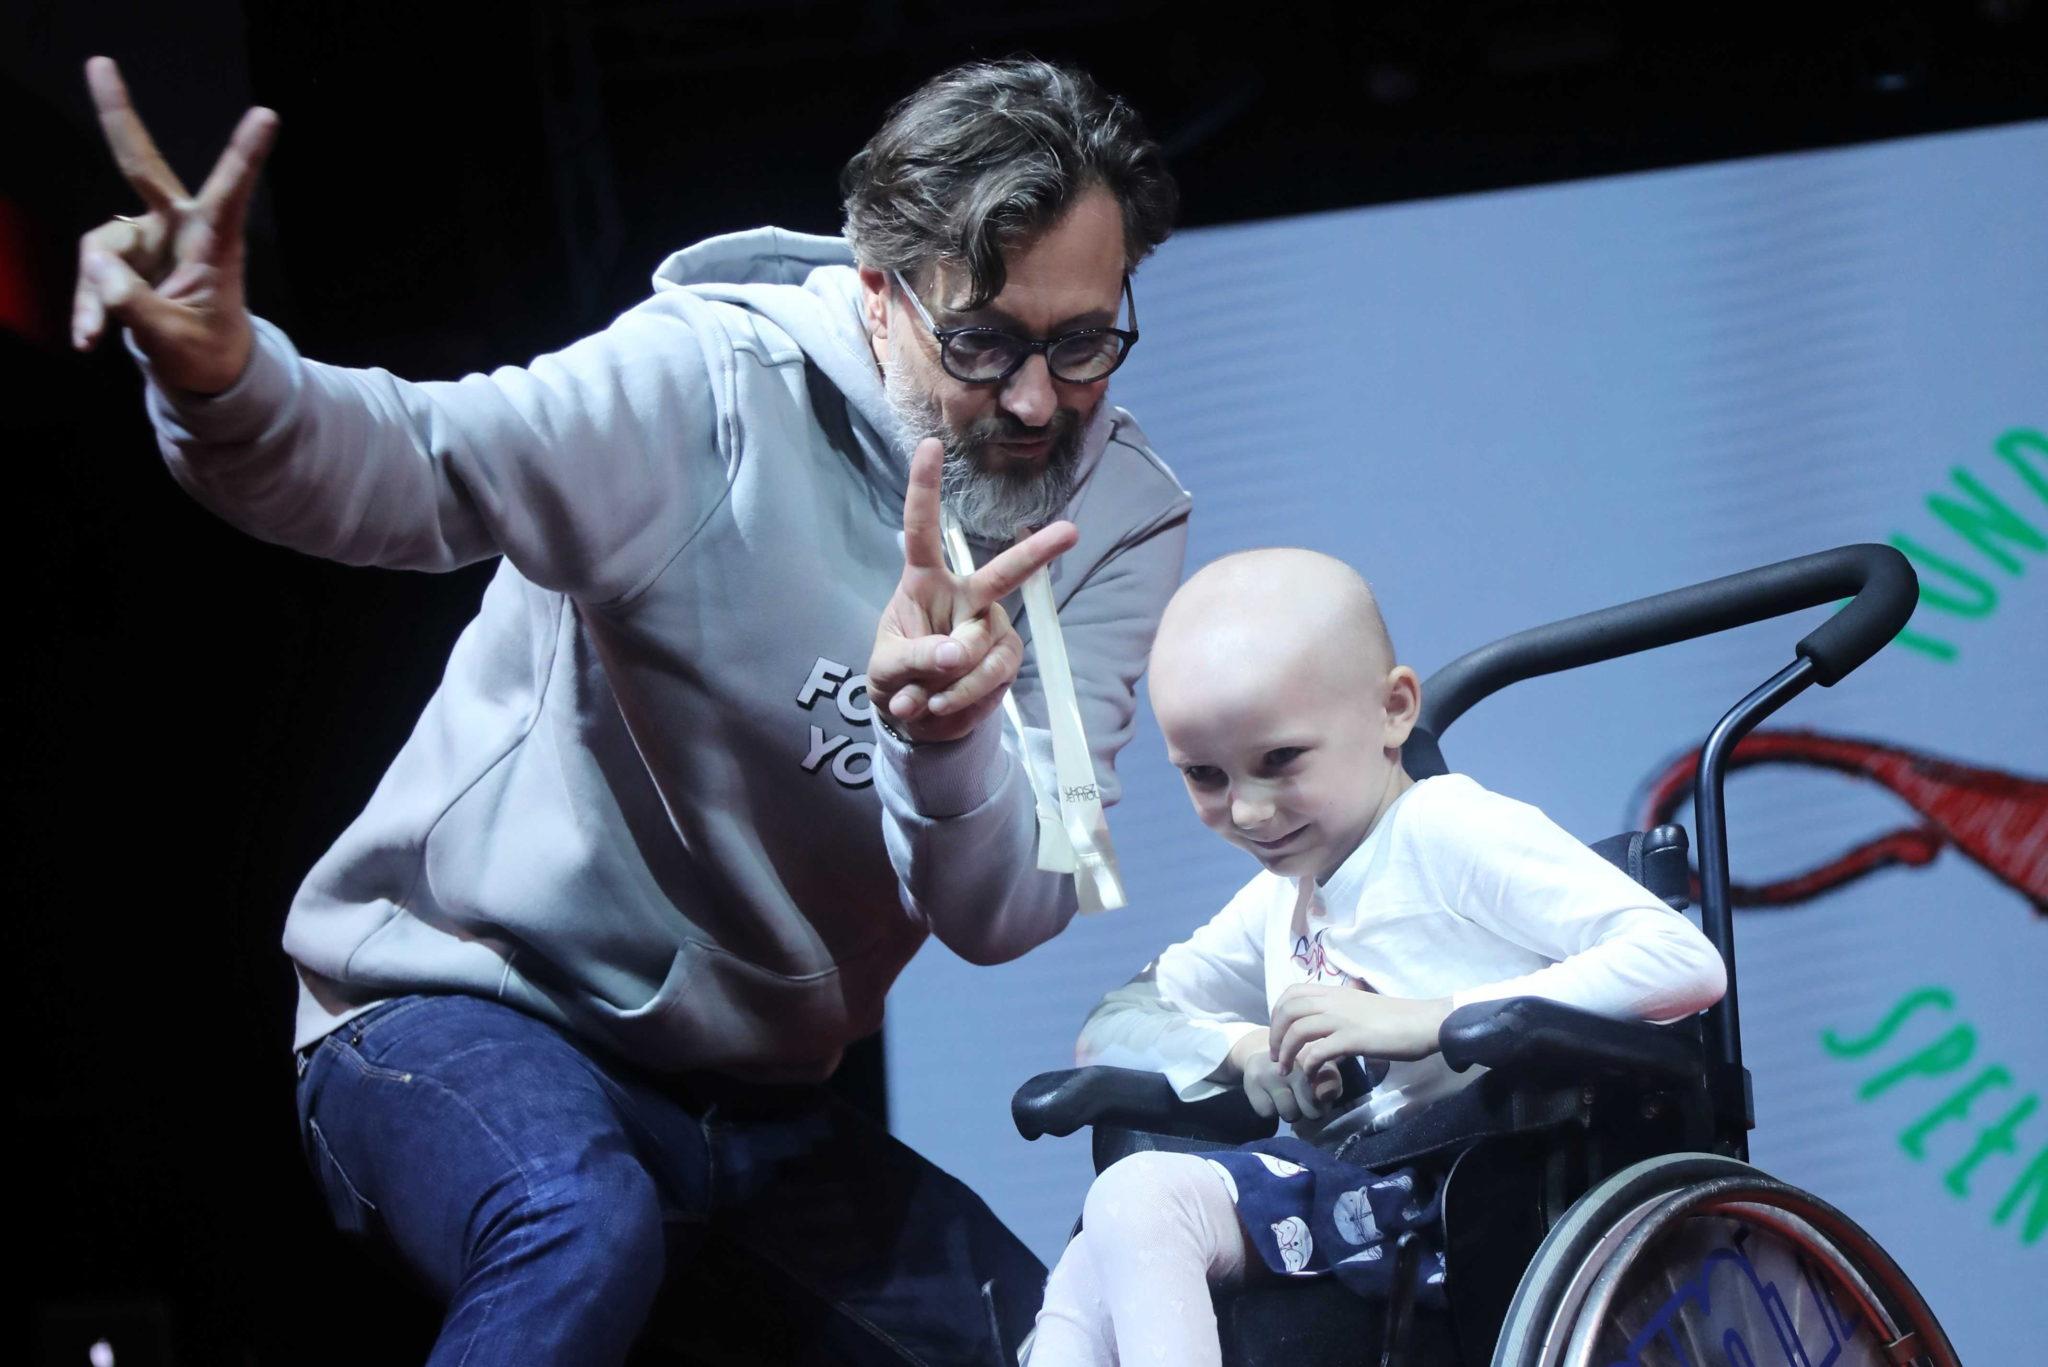 Mali pacjenci warszawskich ośrodków onkologicznych w towarzystwie znanych i lubianych gwiazd sceny, kina, telewizji i muzyki, zaprezentowali na wybiegu najnowsze kolekcje firmy odzieżowej, fot. Wojciech Olkuśnik, PAP